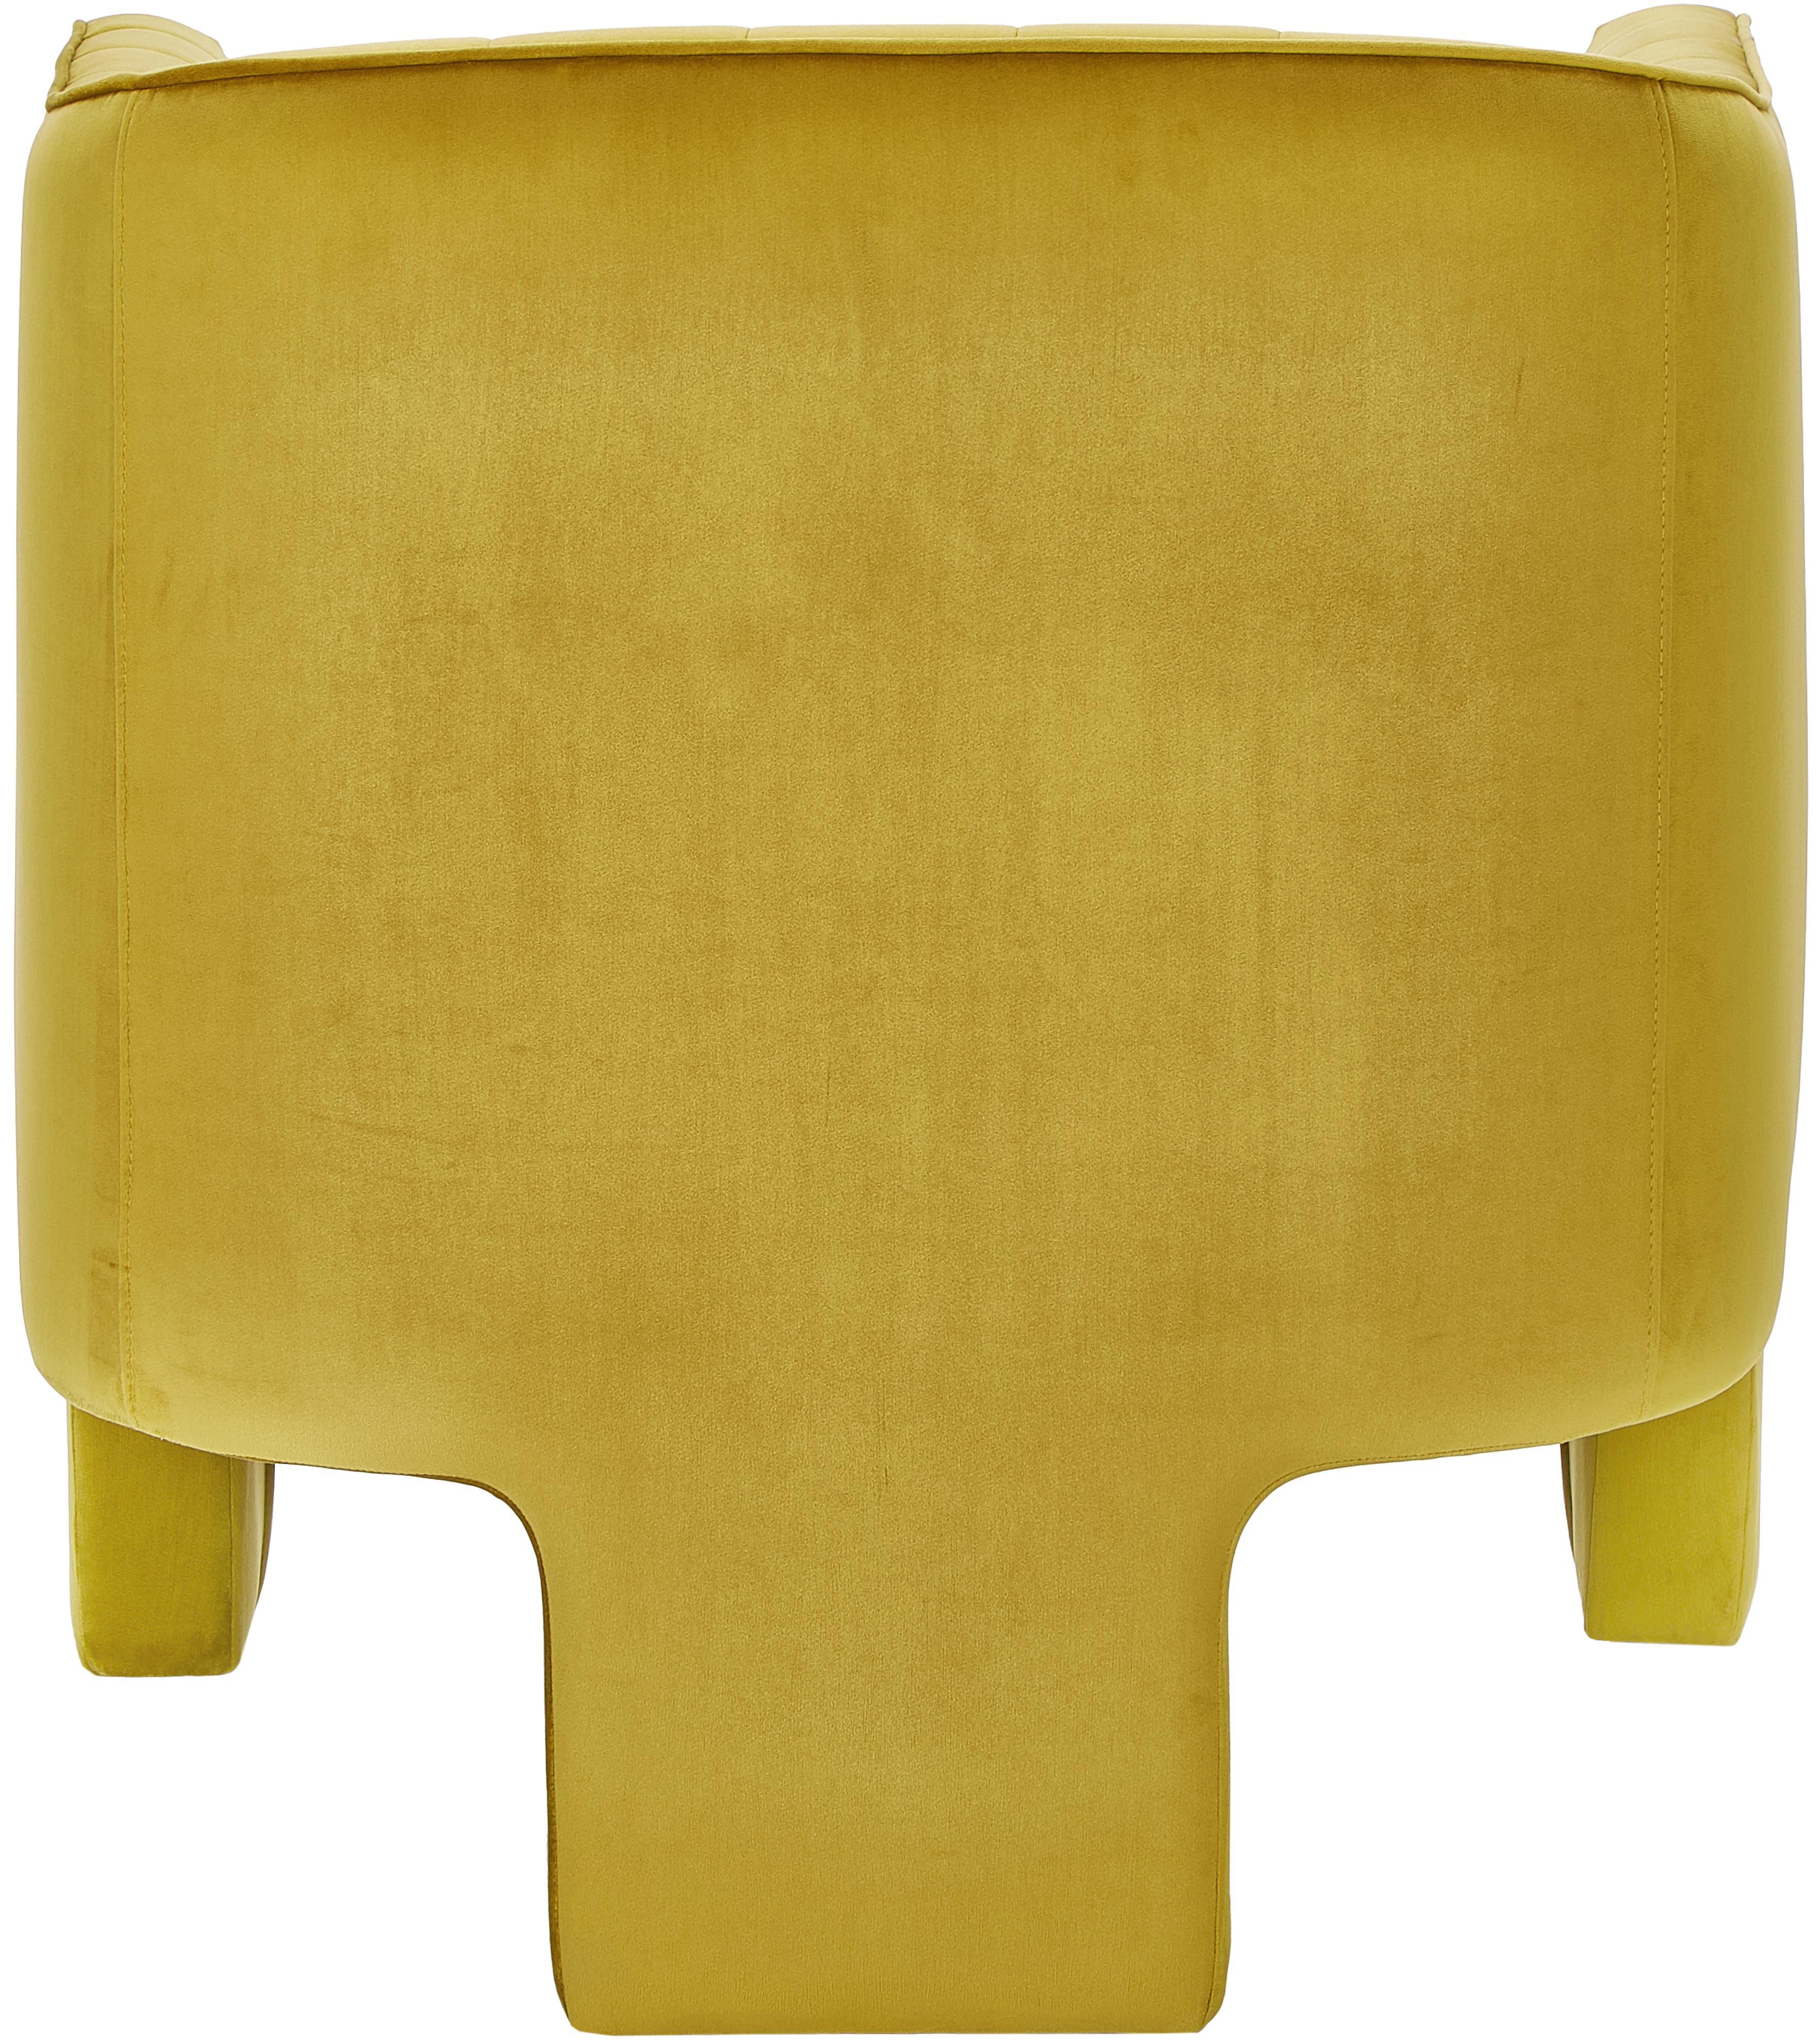 Samt-Cocktailsessel Emilie, Bezug: Samt (Polyester) 50.000 S, Samt Ocker, B 75 x T 76 cm